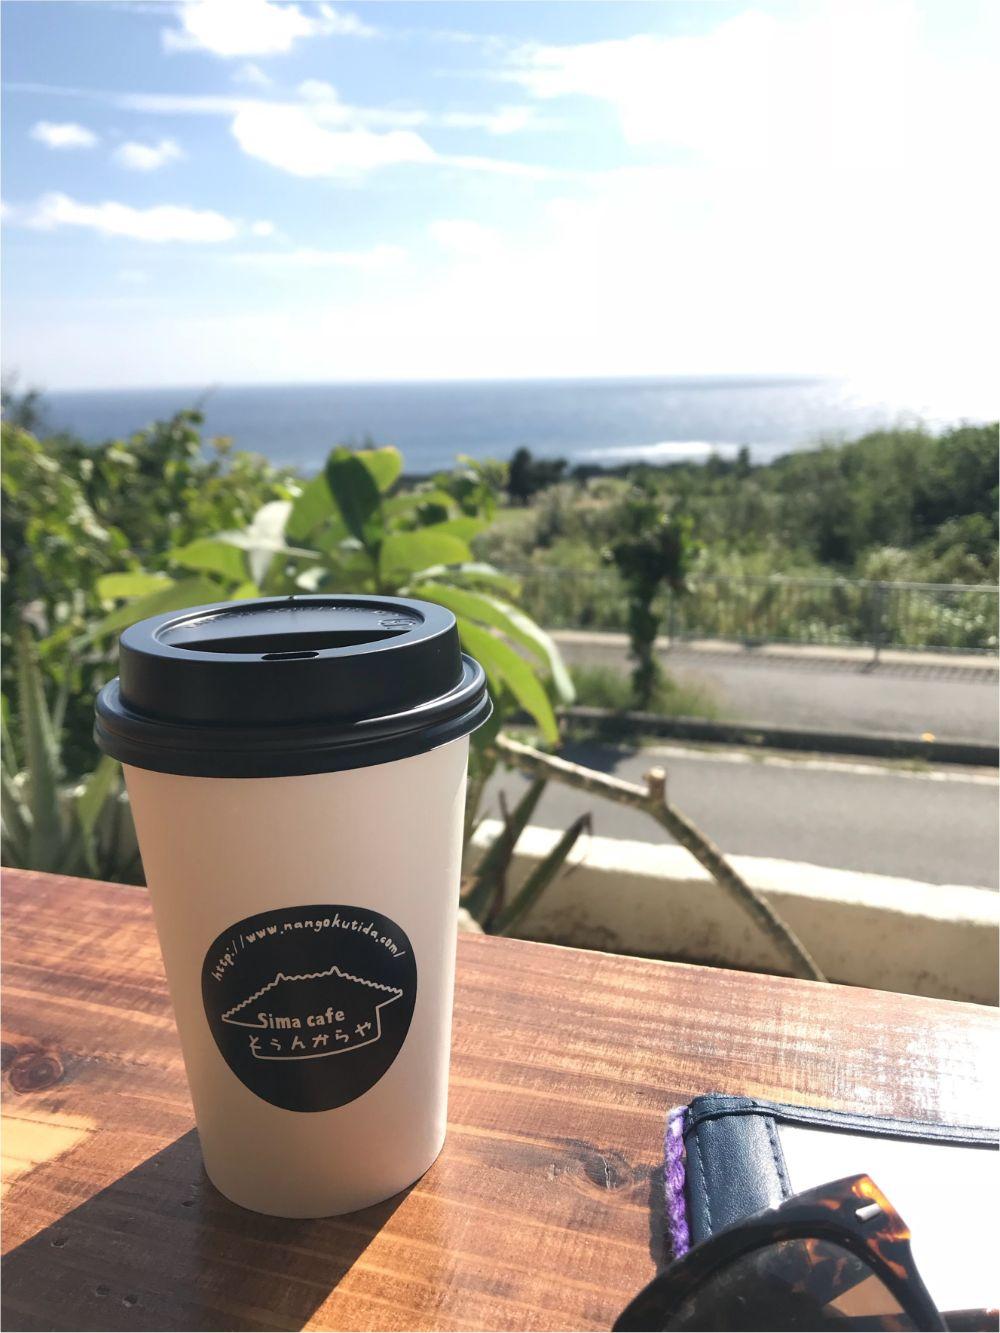 沖縄女子旅特集 - 夏休みにおすすめ! おしゃれなインスタ映えカフェ、観光スポットまとめ_70